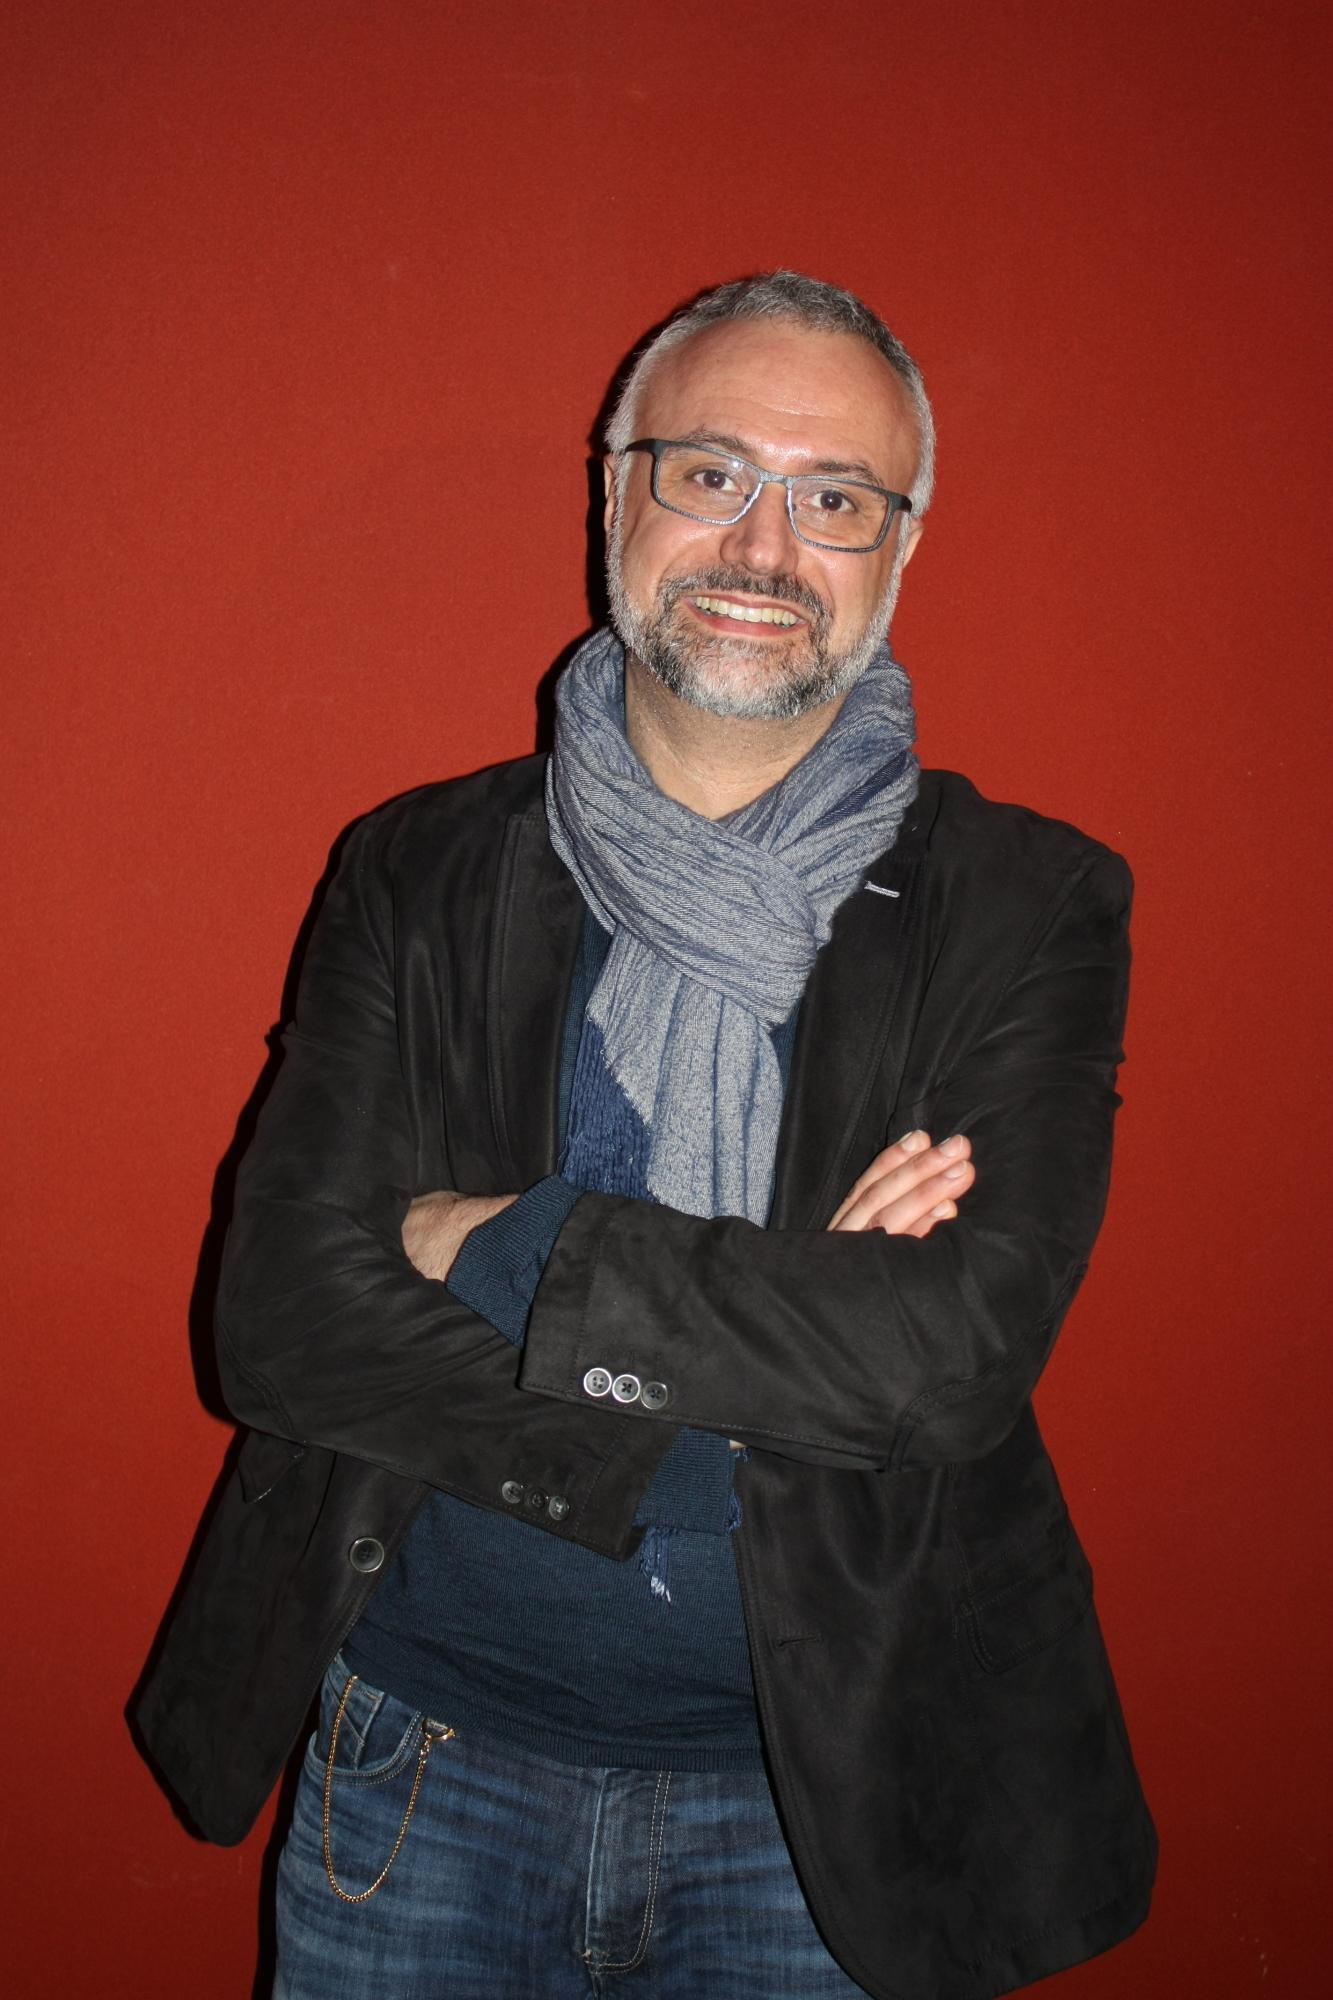 Yves Jacquier leitet La Forge - eine Abteilung bei Ubisoft Montreal, die KI-Forschung und der Spielentwicklung verbinden will.